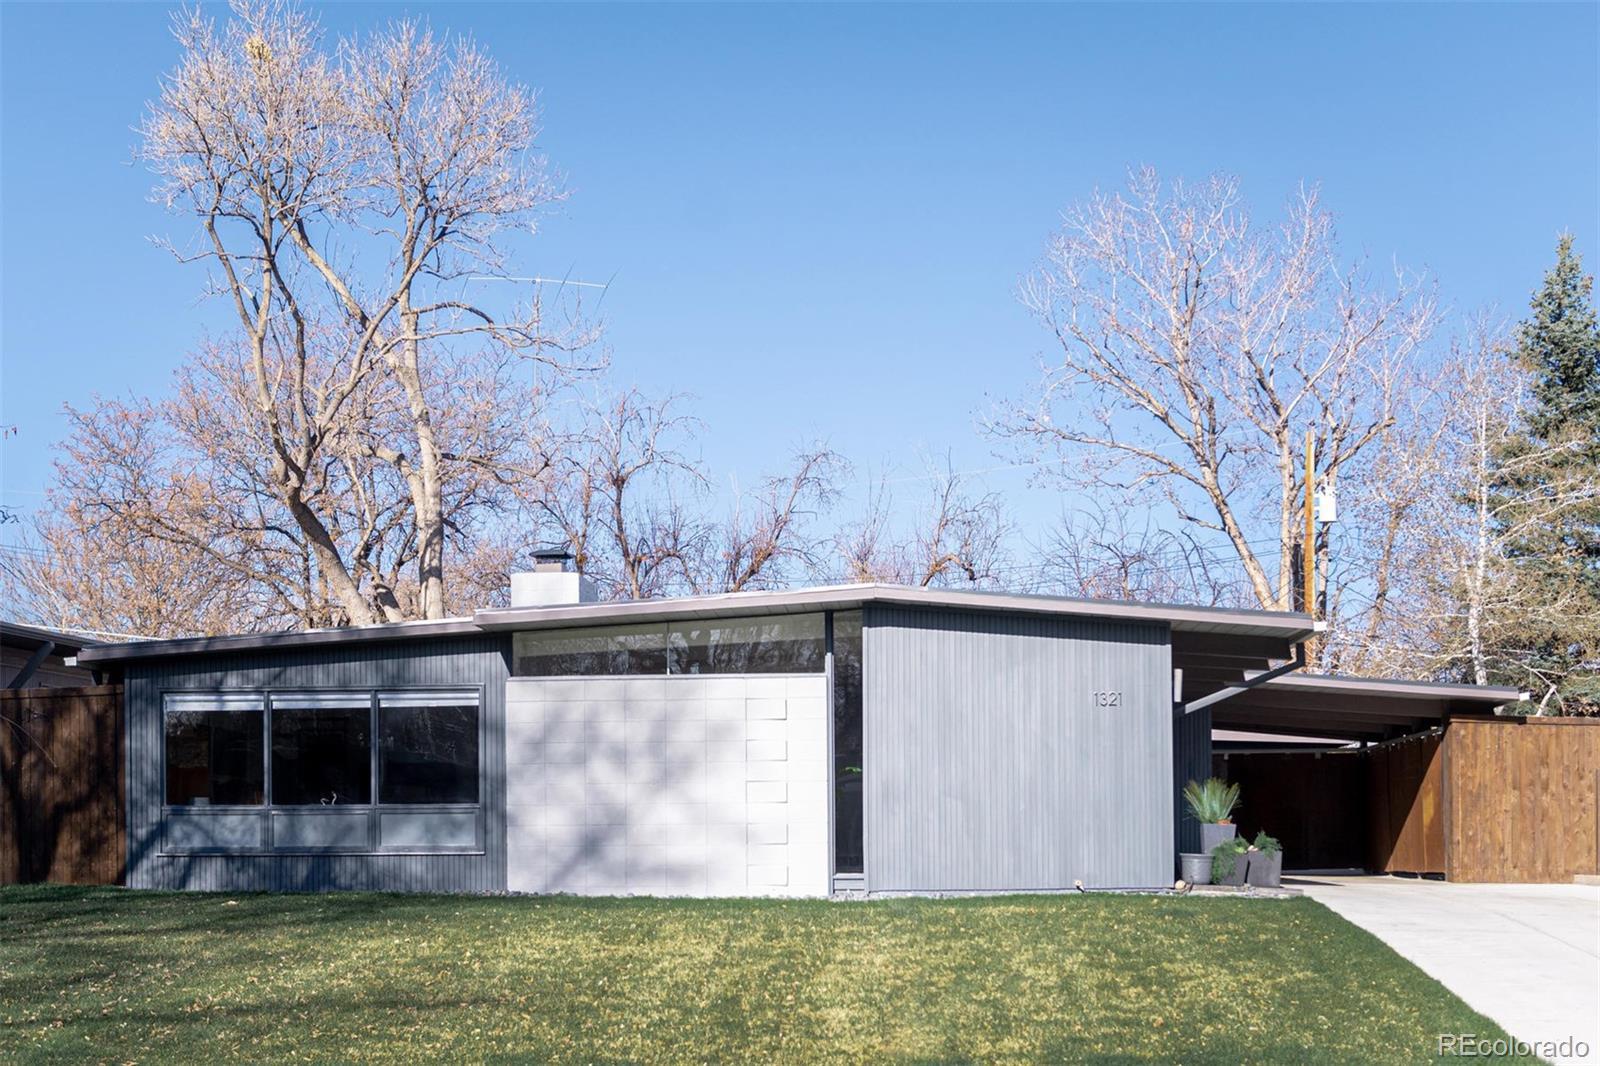 1321 S Edison Way, Denver, CO 80222 - Denver, CO real estate listing